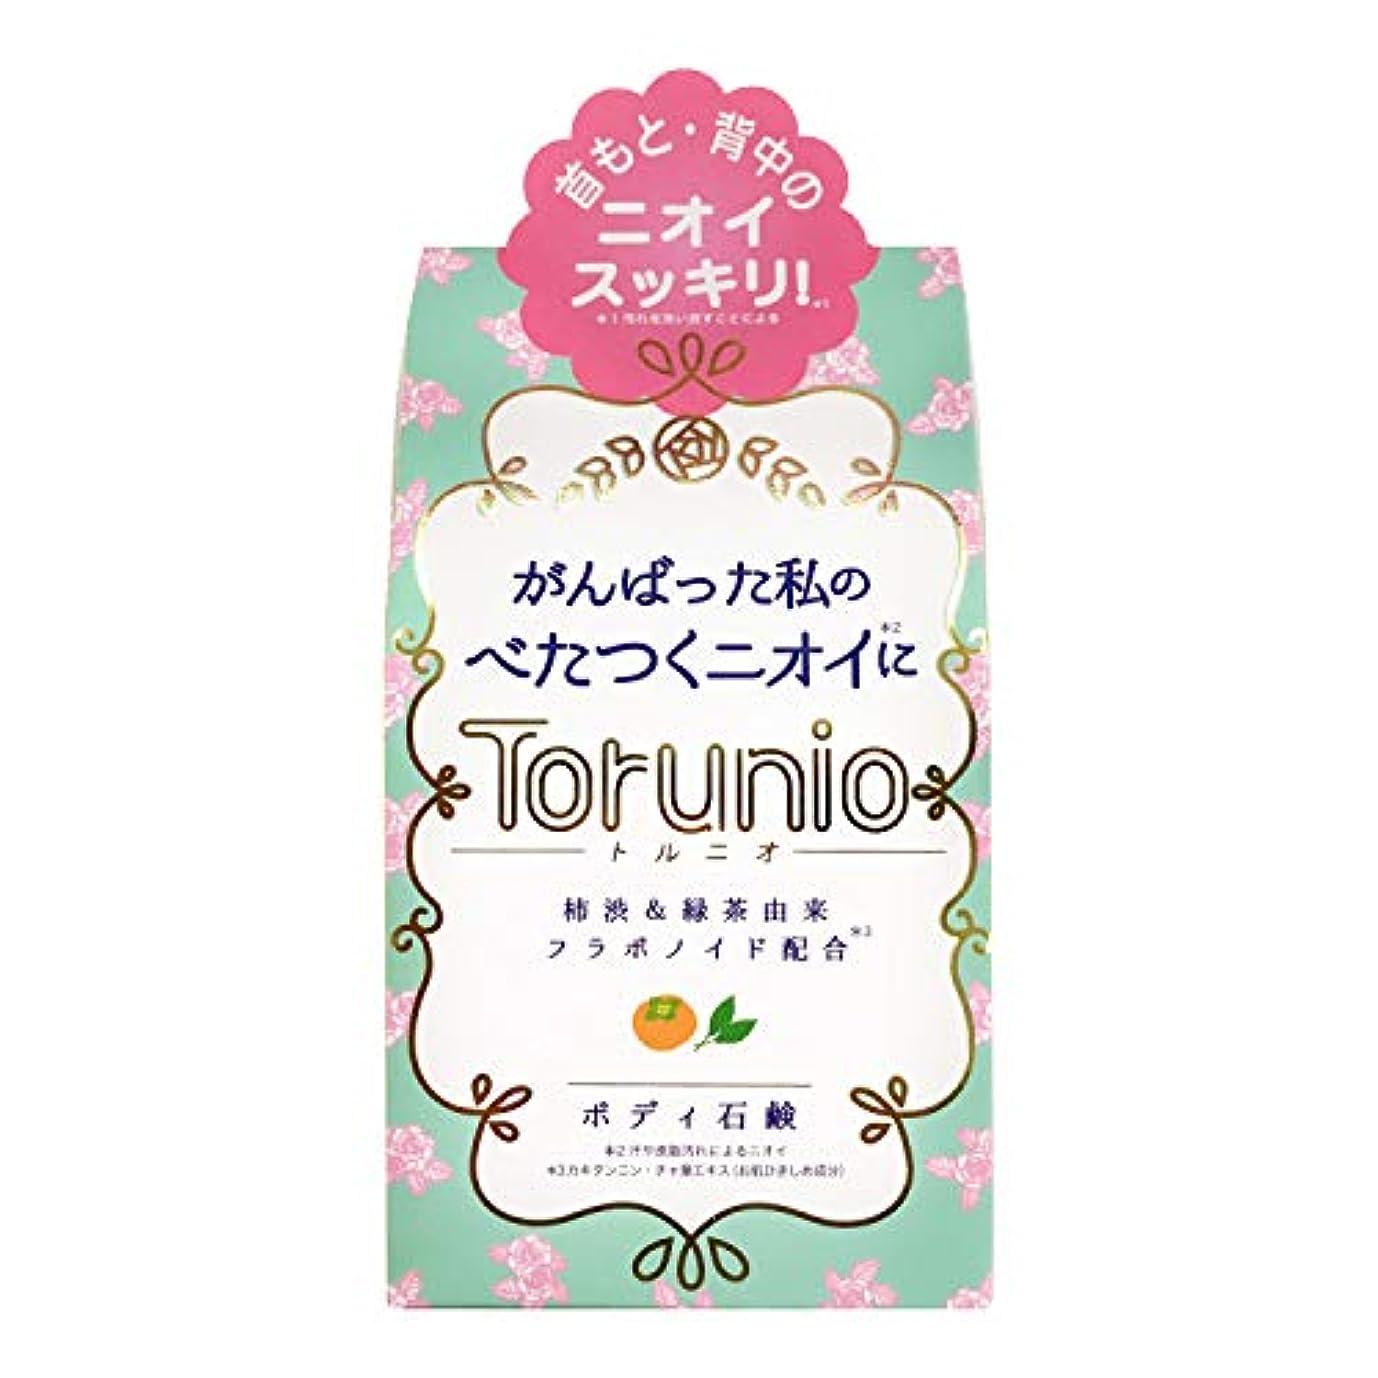 毎回確実思春期Torunio(トルニオ)石鹸 100g